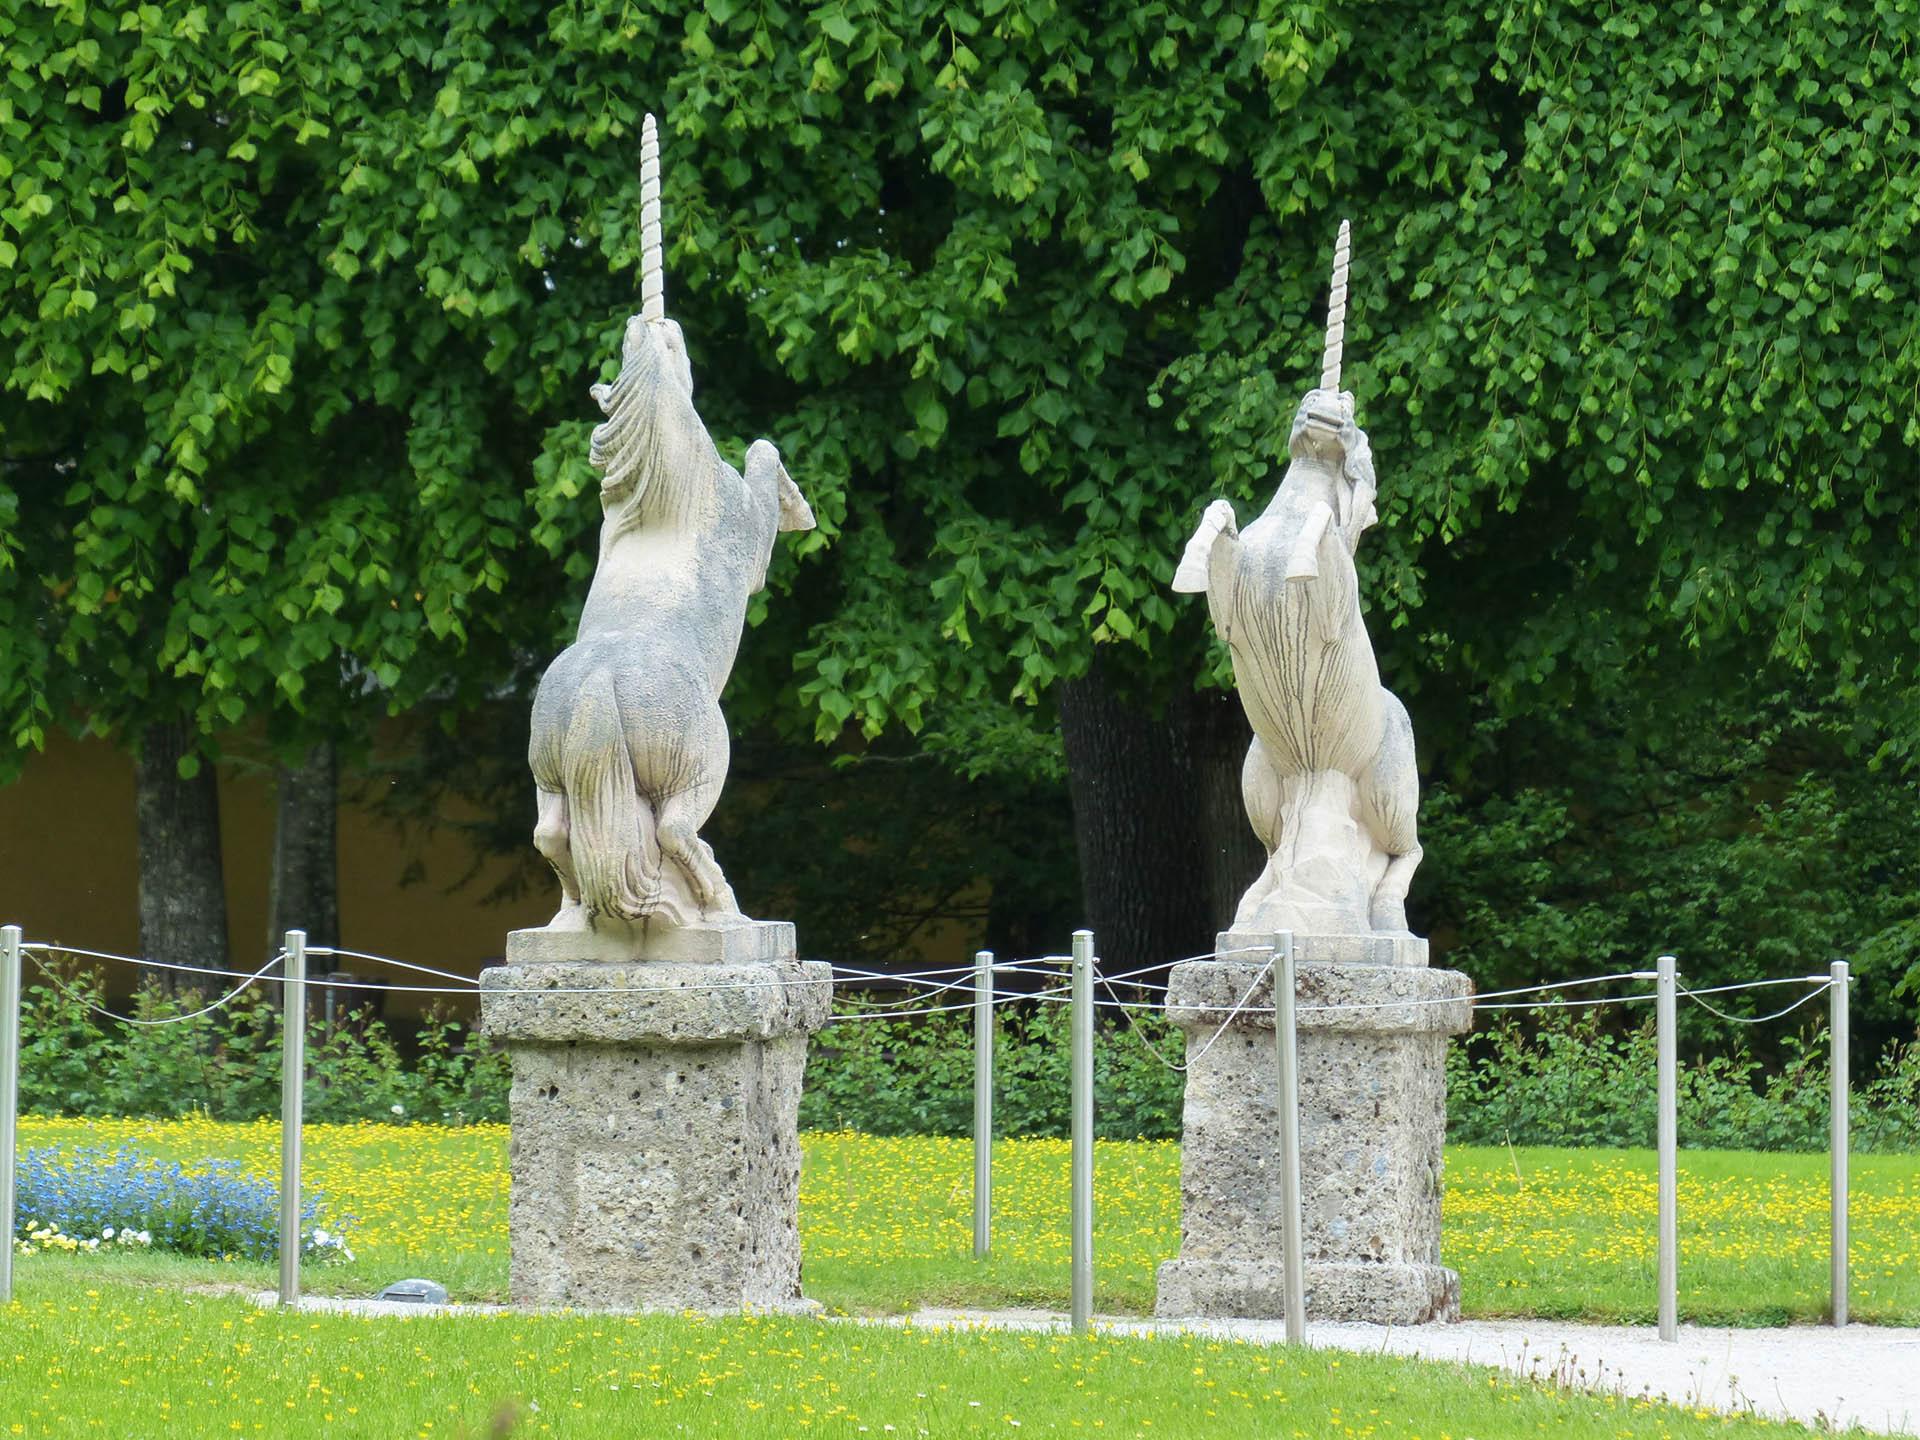 unicorn-in-garden